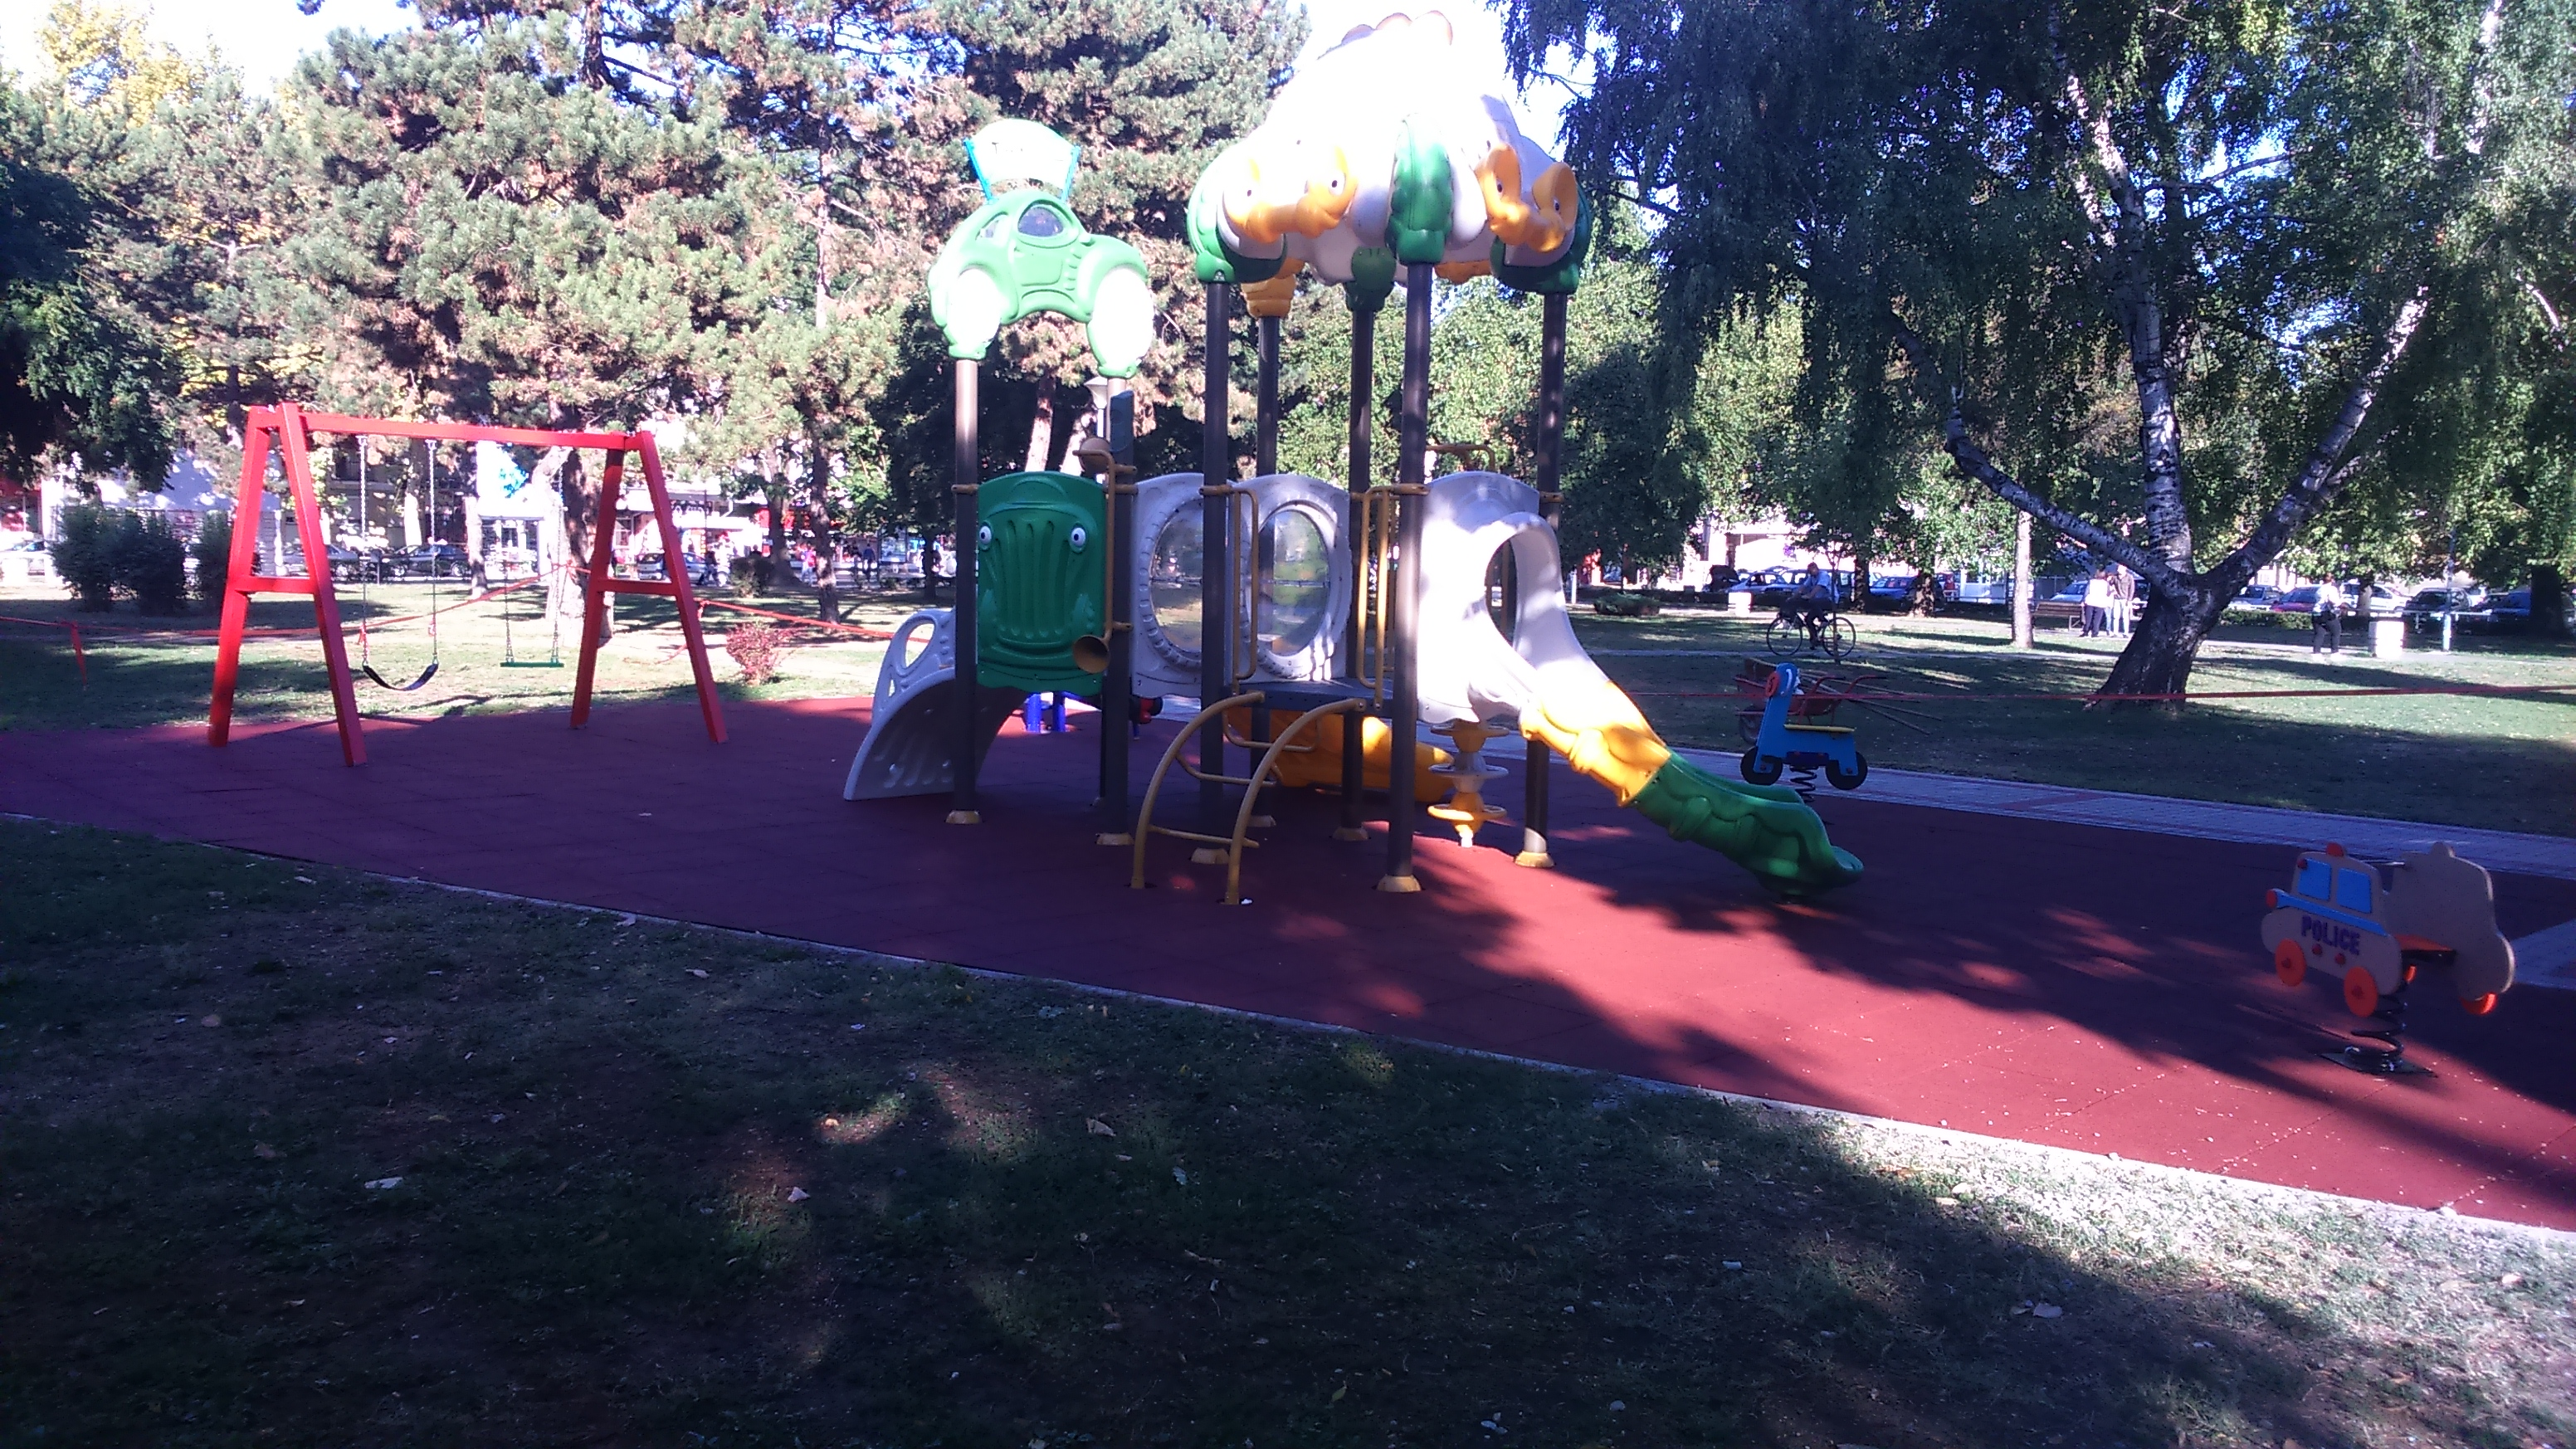 Ново дечије игралиште у малом парку на Тргу Ђуре Салаја